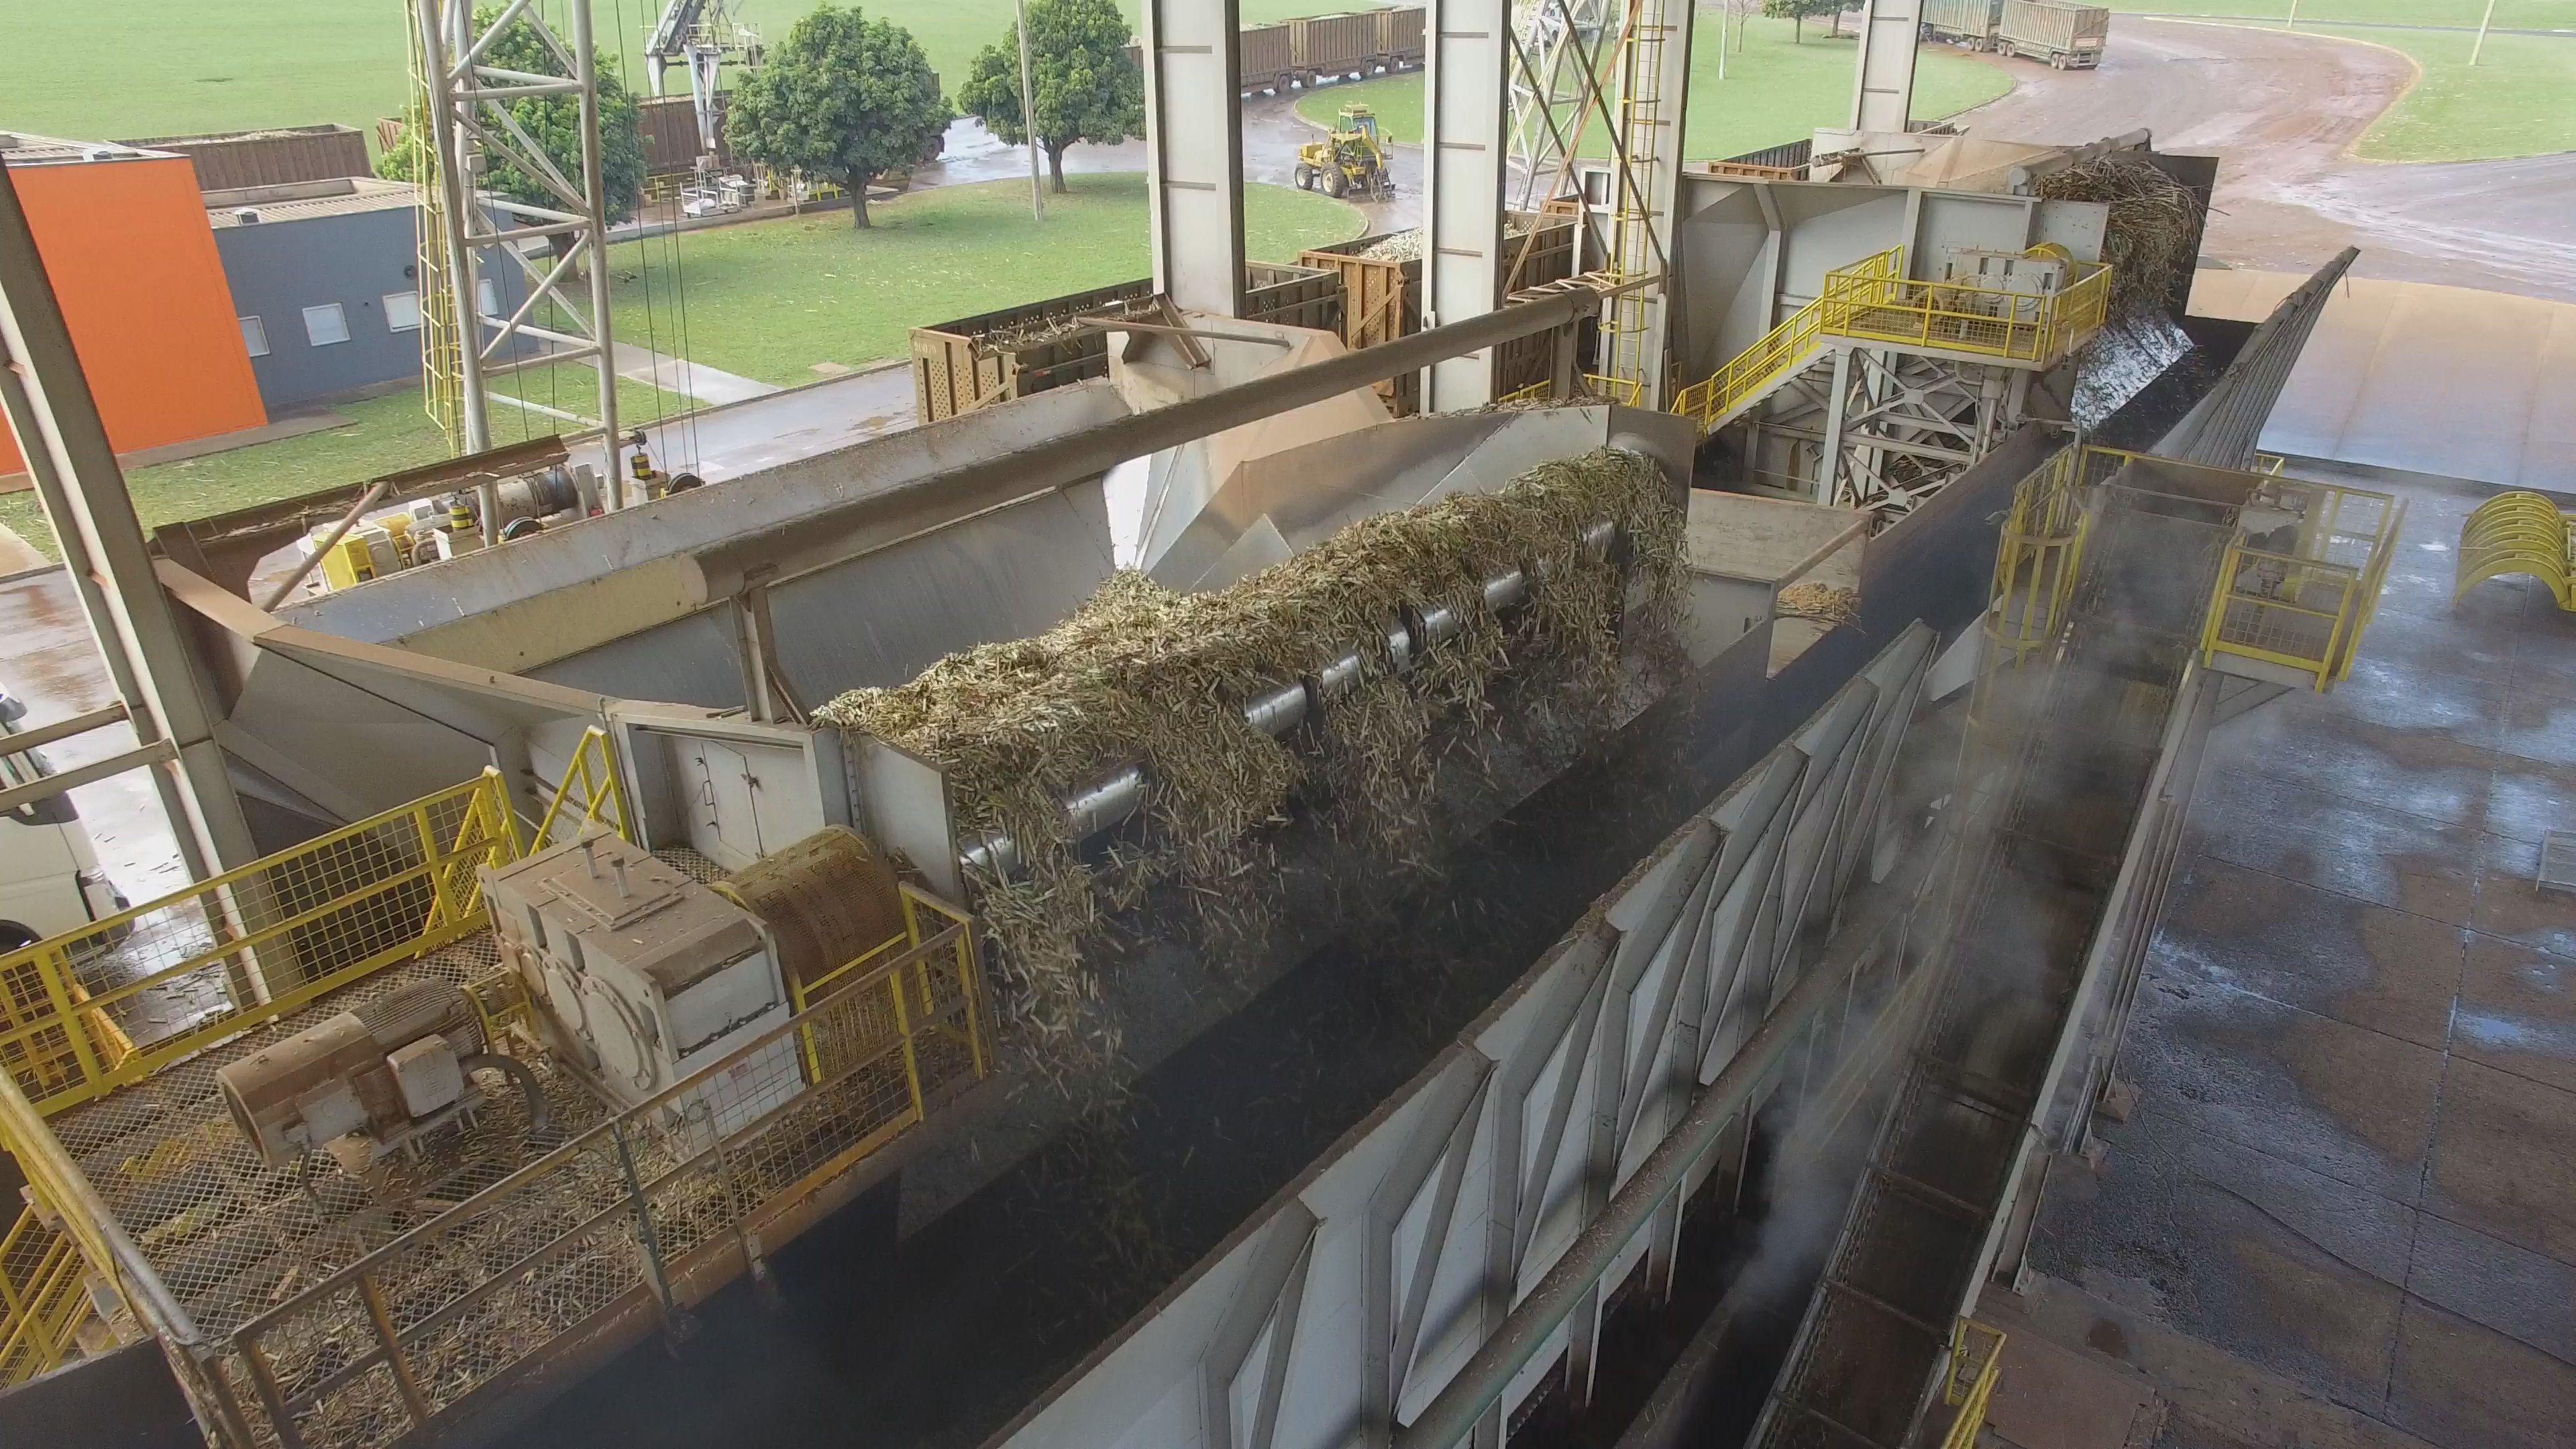 Estudo de caso: Aplicação de acoplamentos bipartidos radialmente em equipamentos de manejo de cana-de-açúcar.